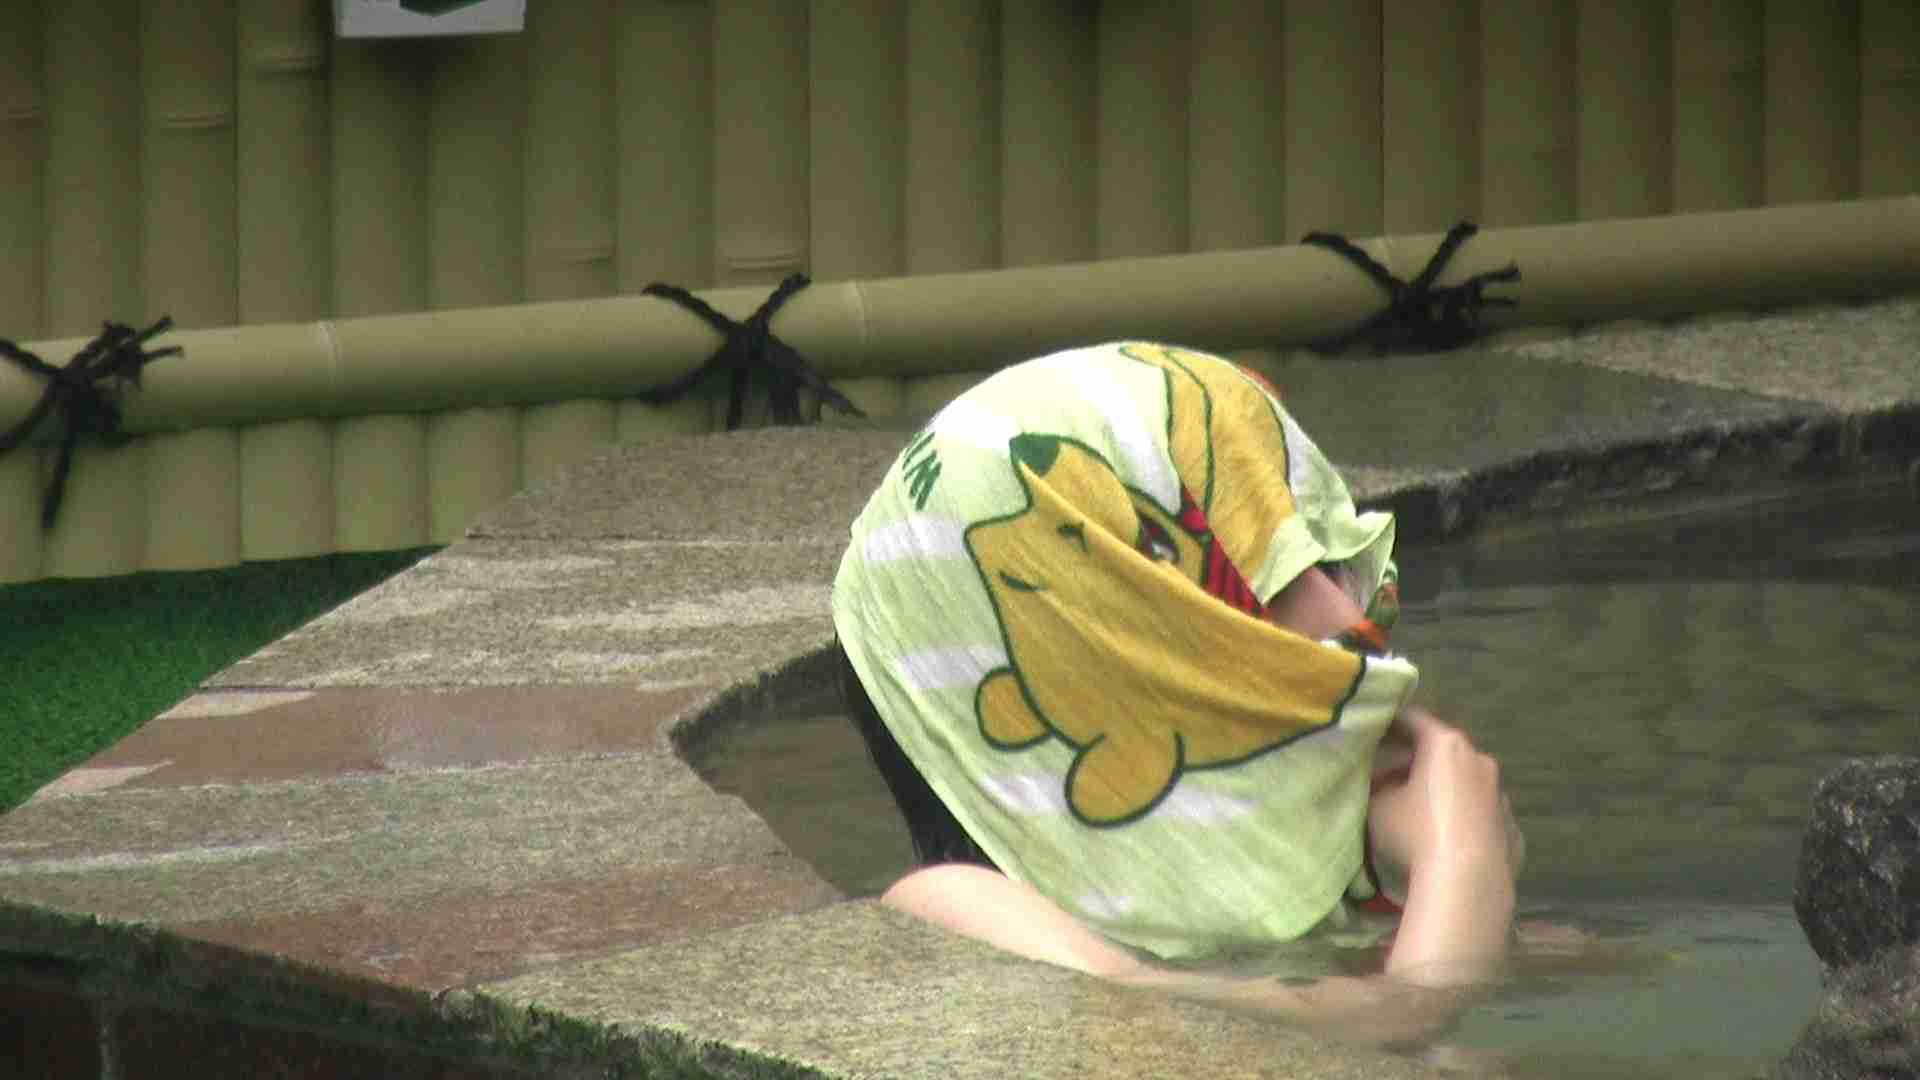 Aquaな露天風呂Vol.188 盗撮師作品 | 美しいOLの裸体  105pic 7